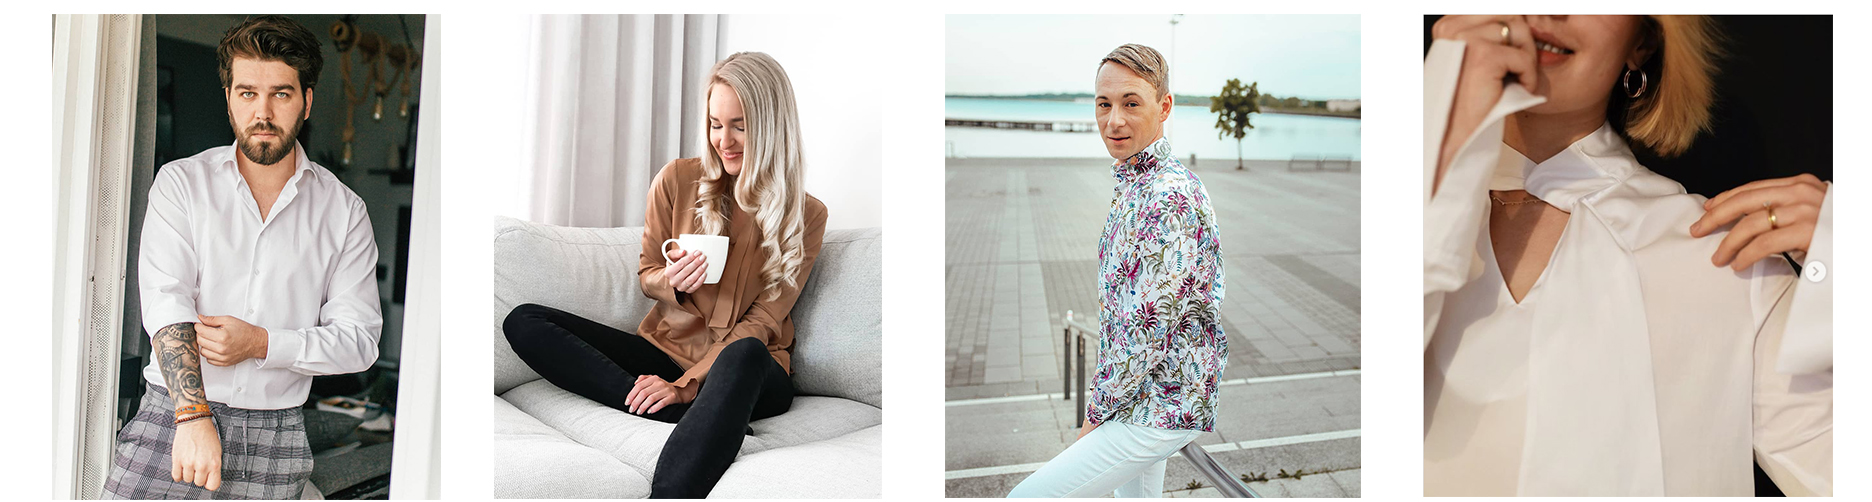 Micro-Influencer der Modemarke Eterna